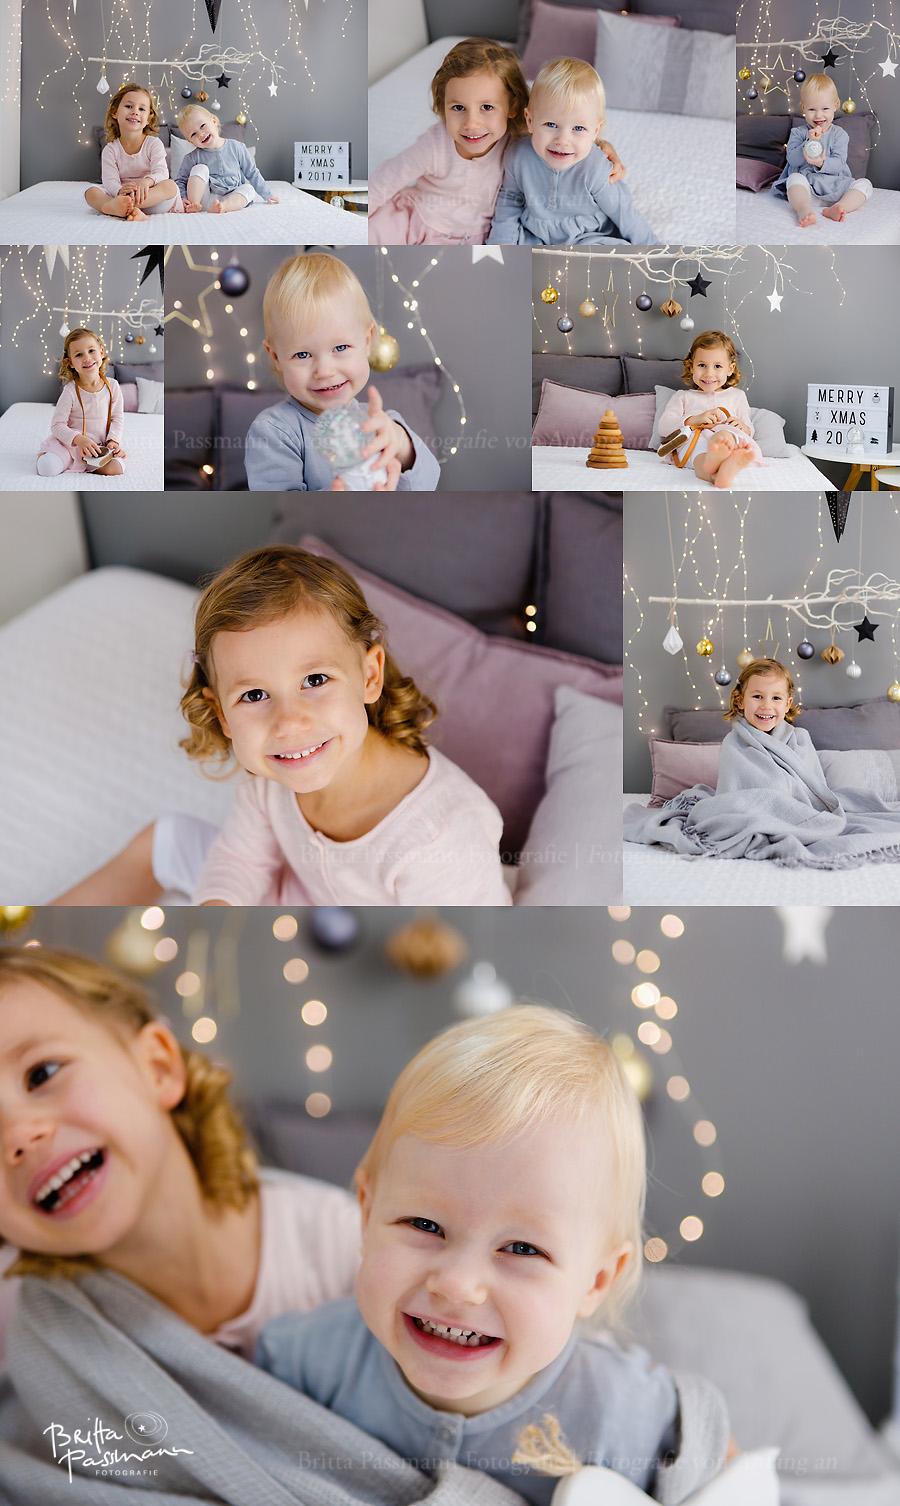 Weihnachtsfotos-Geschenke_zu_Weihnachten-Kinderfotos-Babyfotos-Fotostudio-Dortmund-Bochum-Unna-12